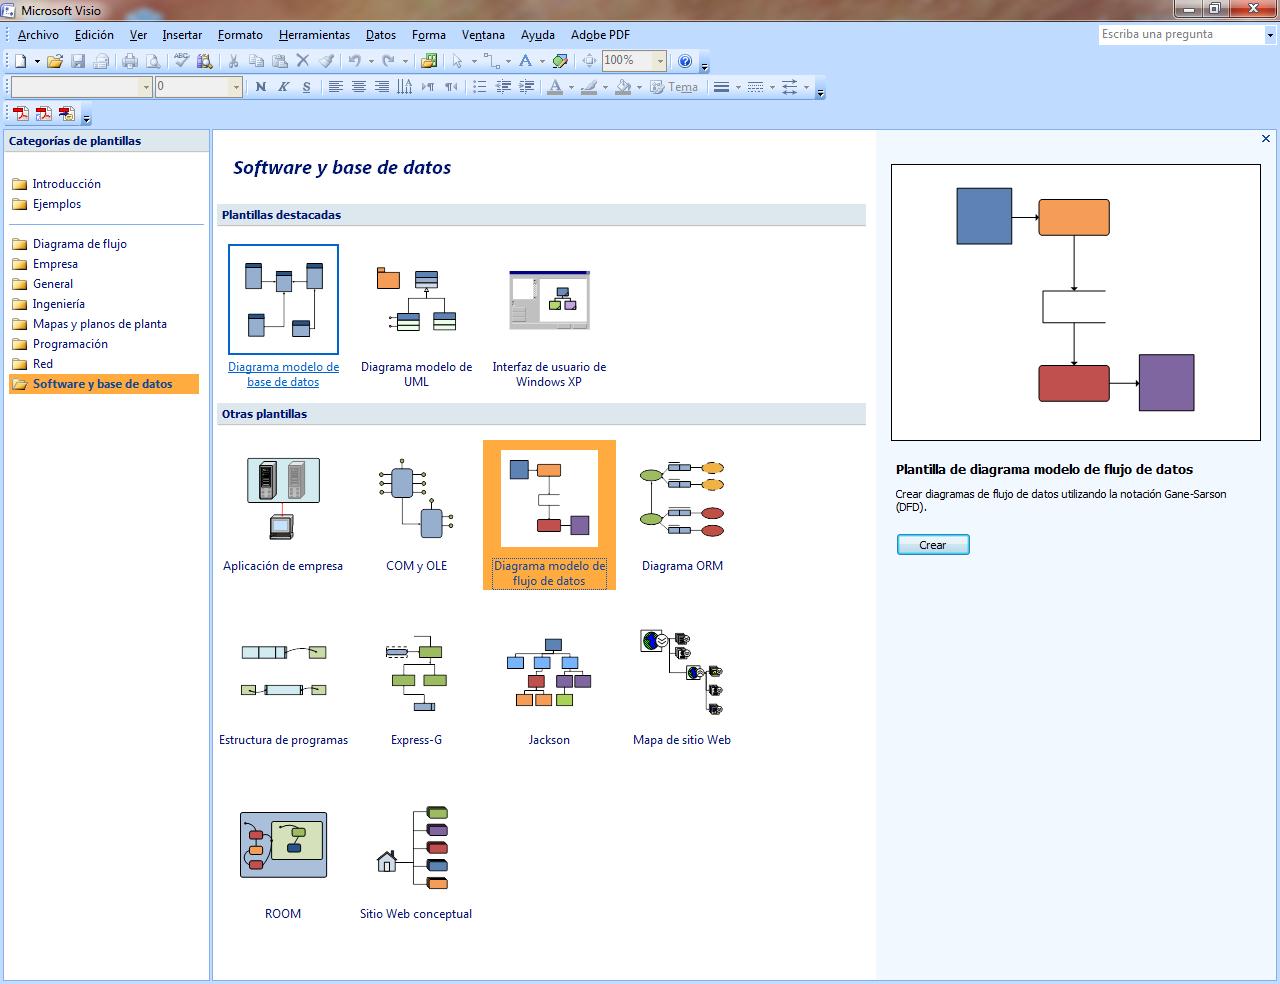 Unidad de laboratorios de la eps integracin de los dfd de visio diagrama modelo de flujo de datos ccuart Images